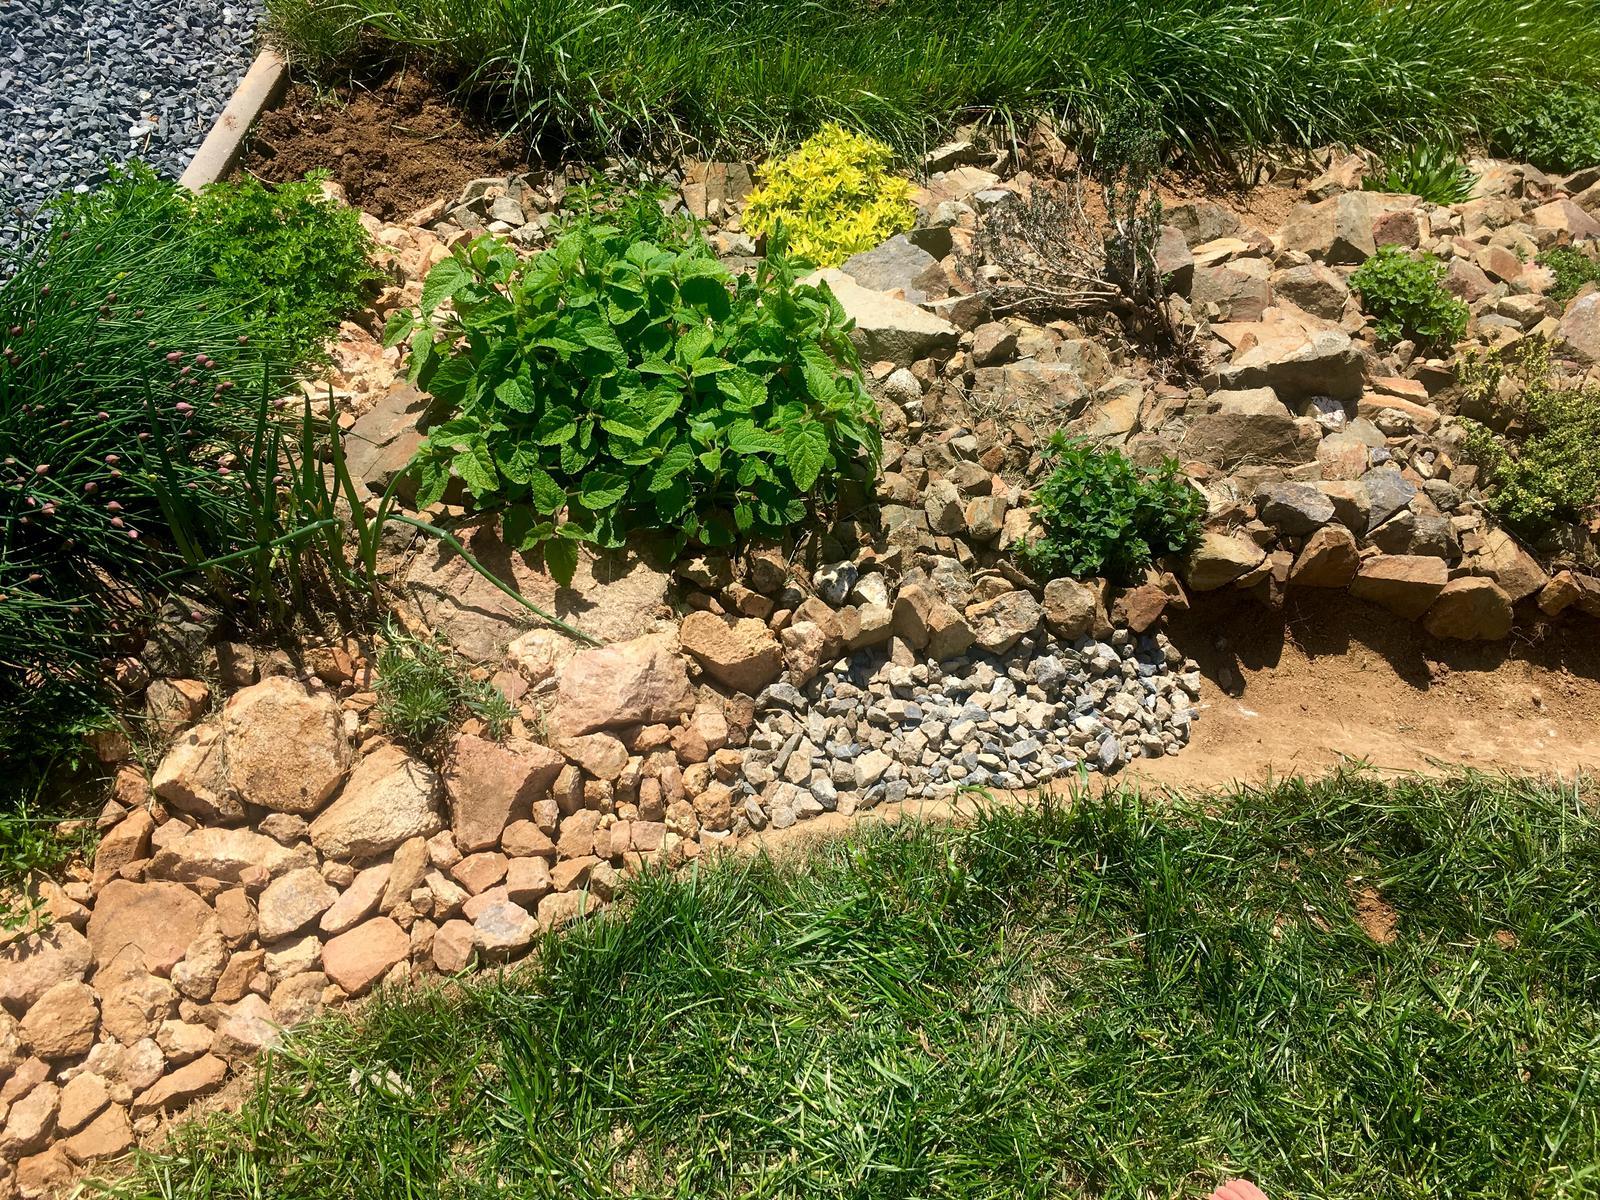 Skřítčí zahrada 2015 - 2020 - Duben 2019 - poučení z let minulých, že na svahu pochytat a udržet vodu je nezbytné, takže buduju svejly